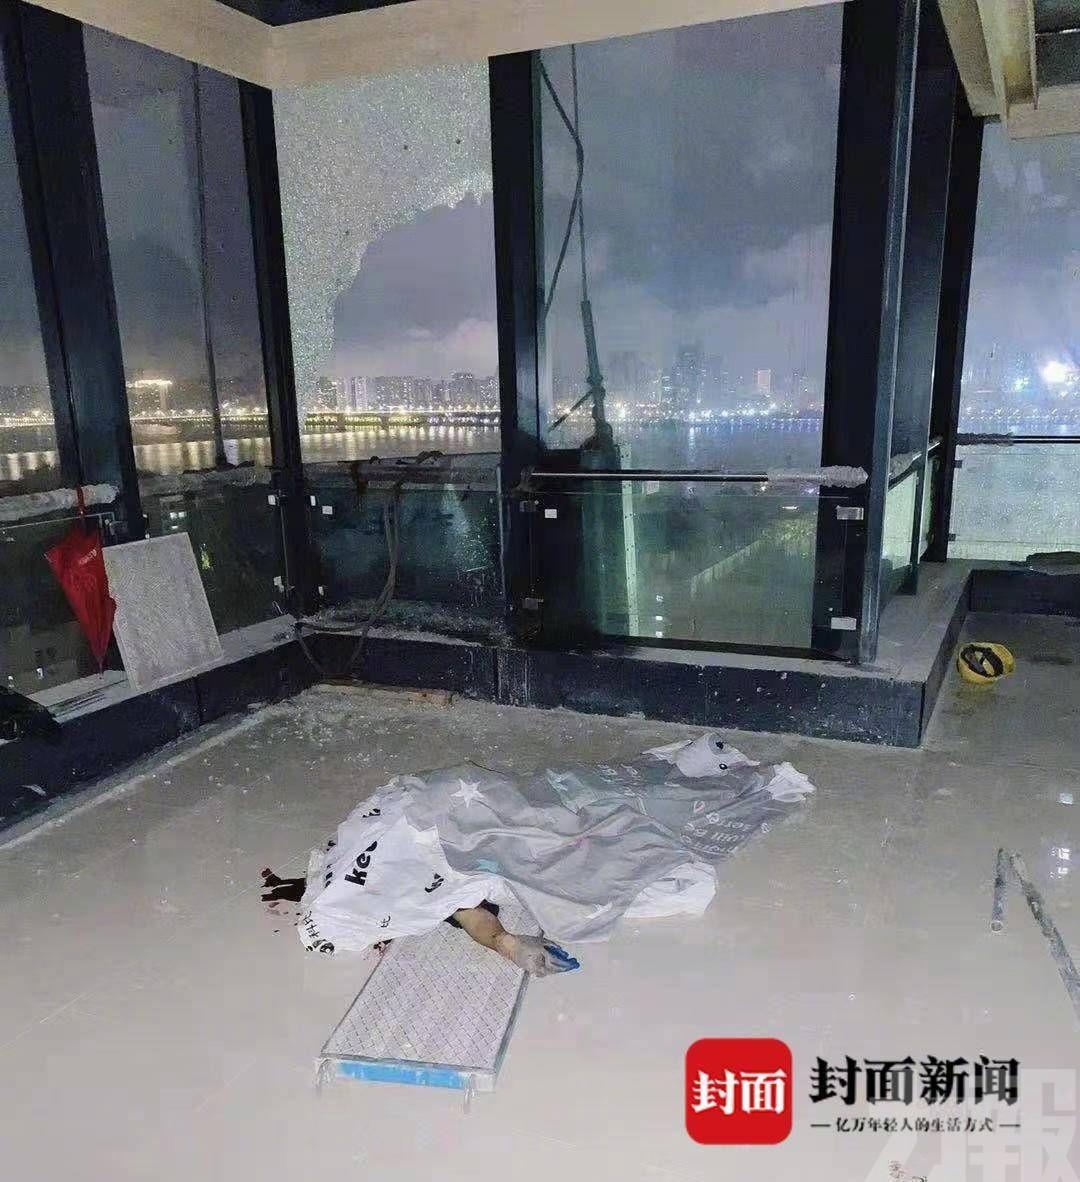 武漢兩洗窗工人慘死